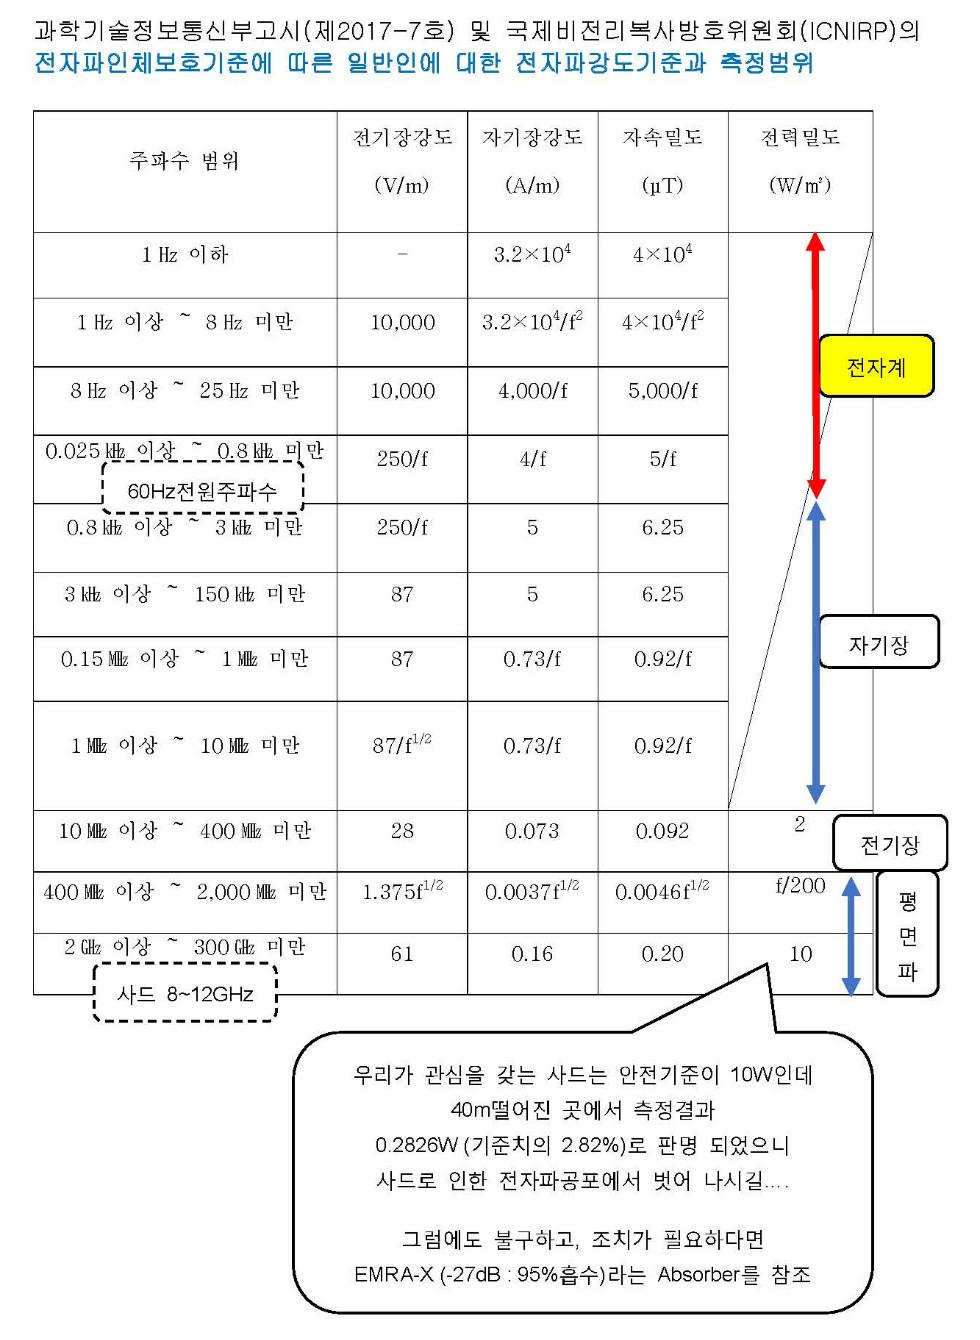 쇼핑몰 - 측정주파수 범위.jpg